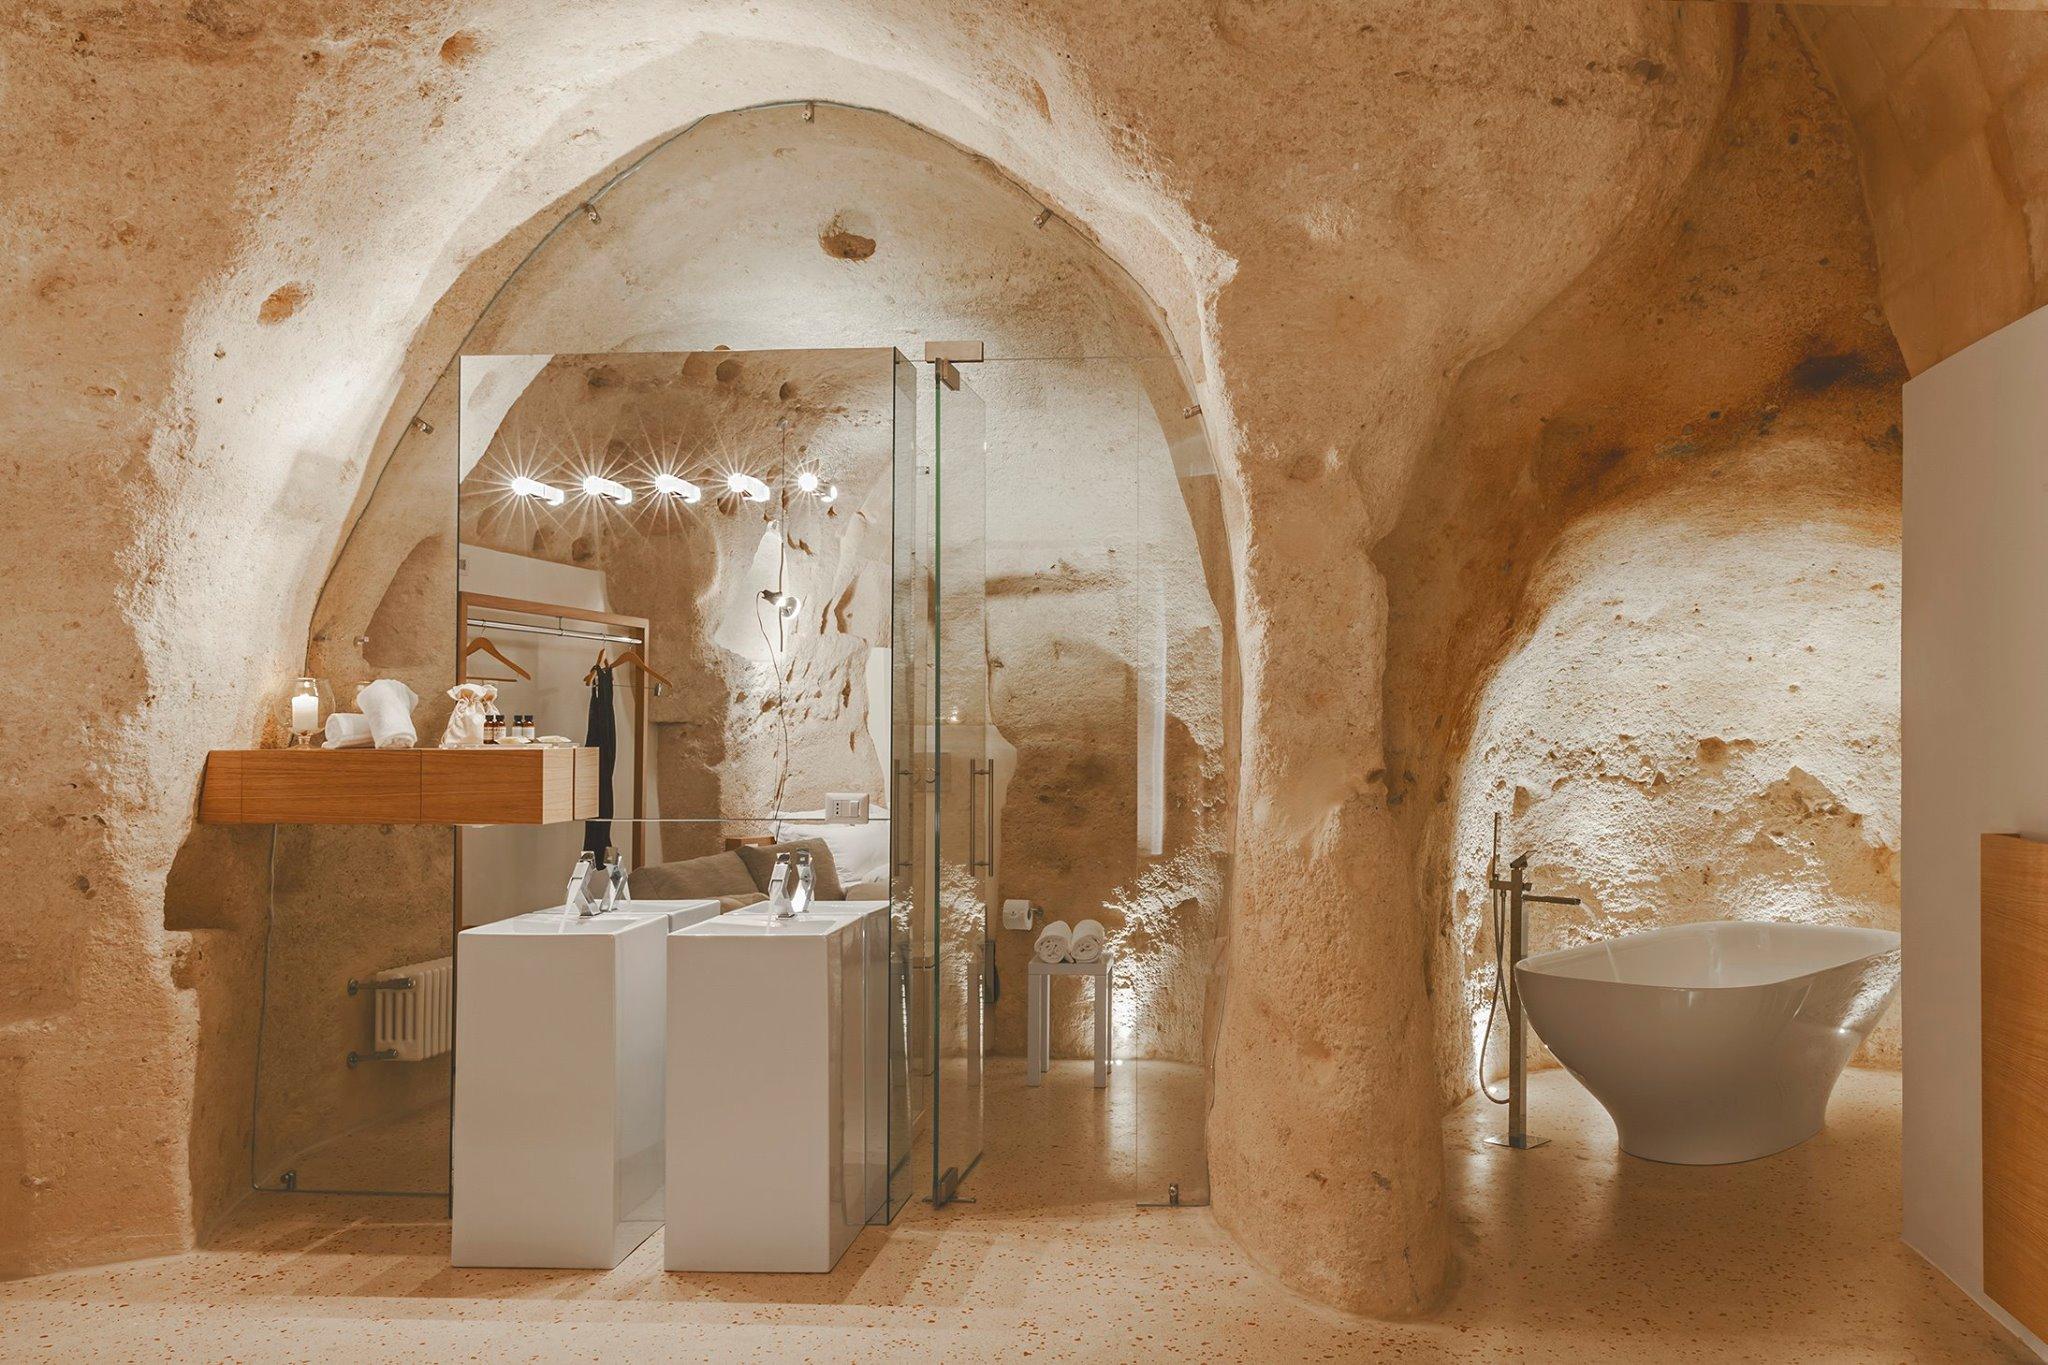 sassi-matera-grotte-hotel-la-dimora-di-metello-10